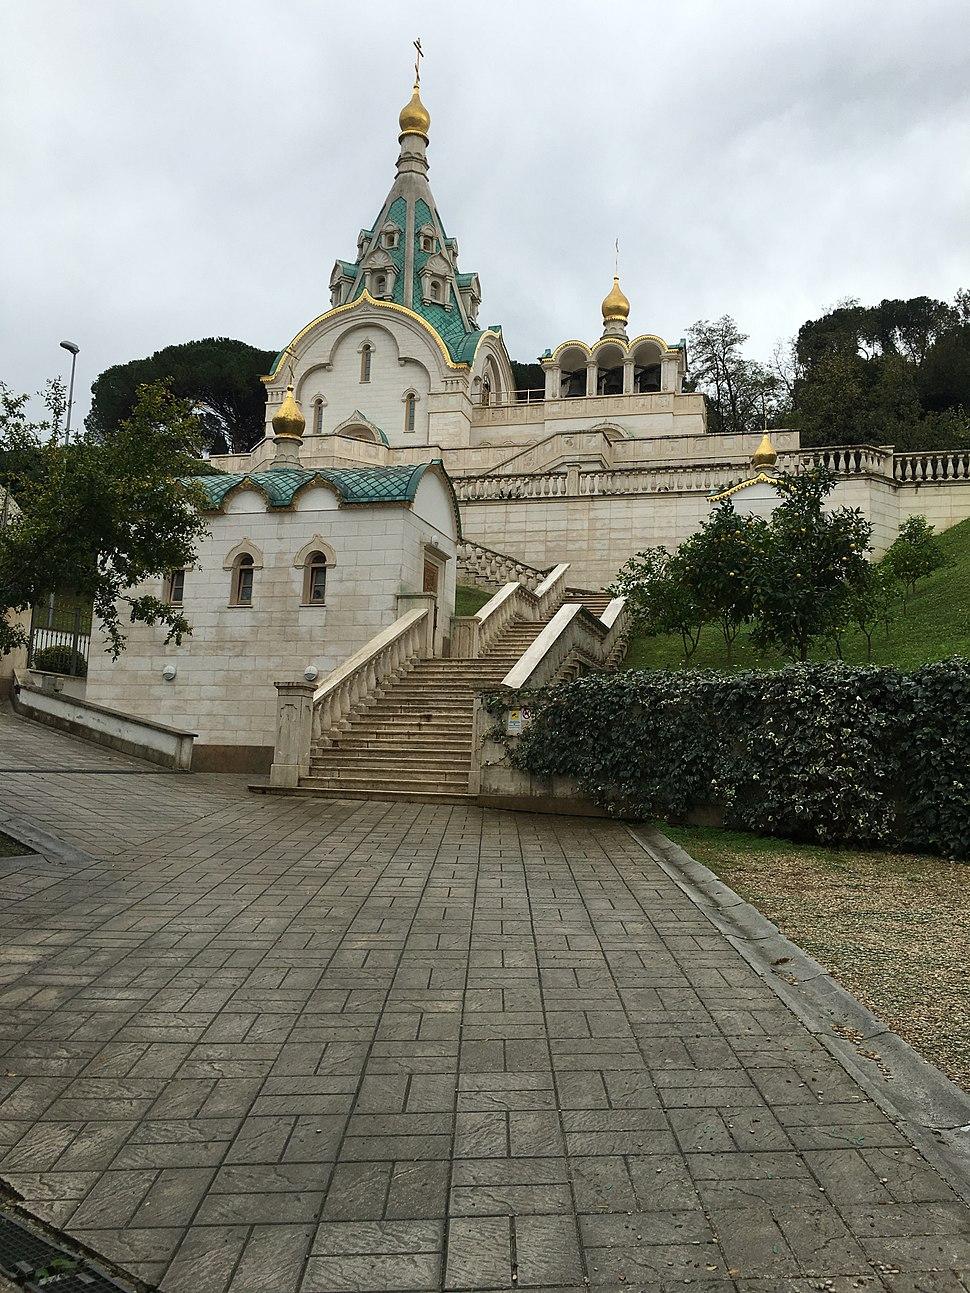 Santa Caterina Martire - chiesa ortodossa